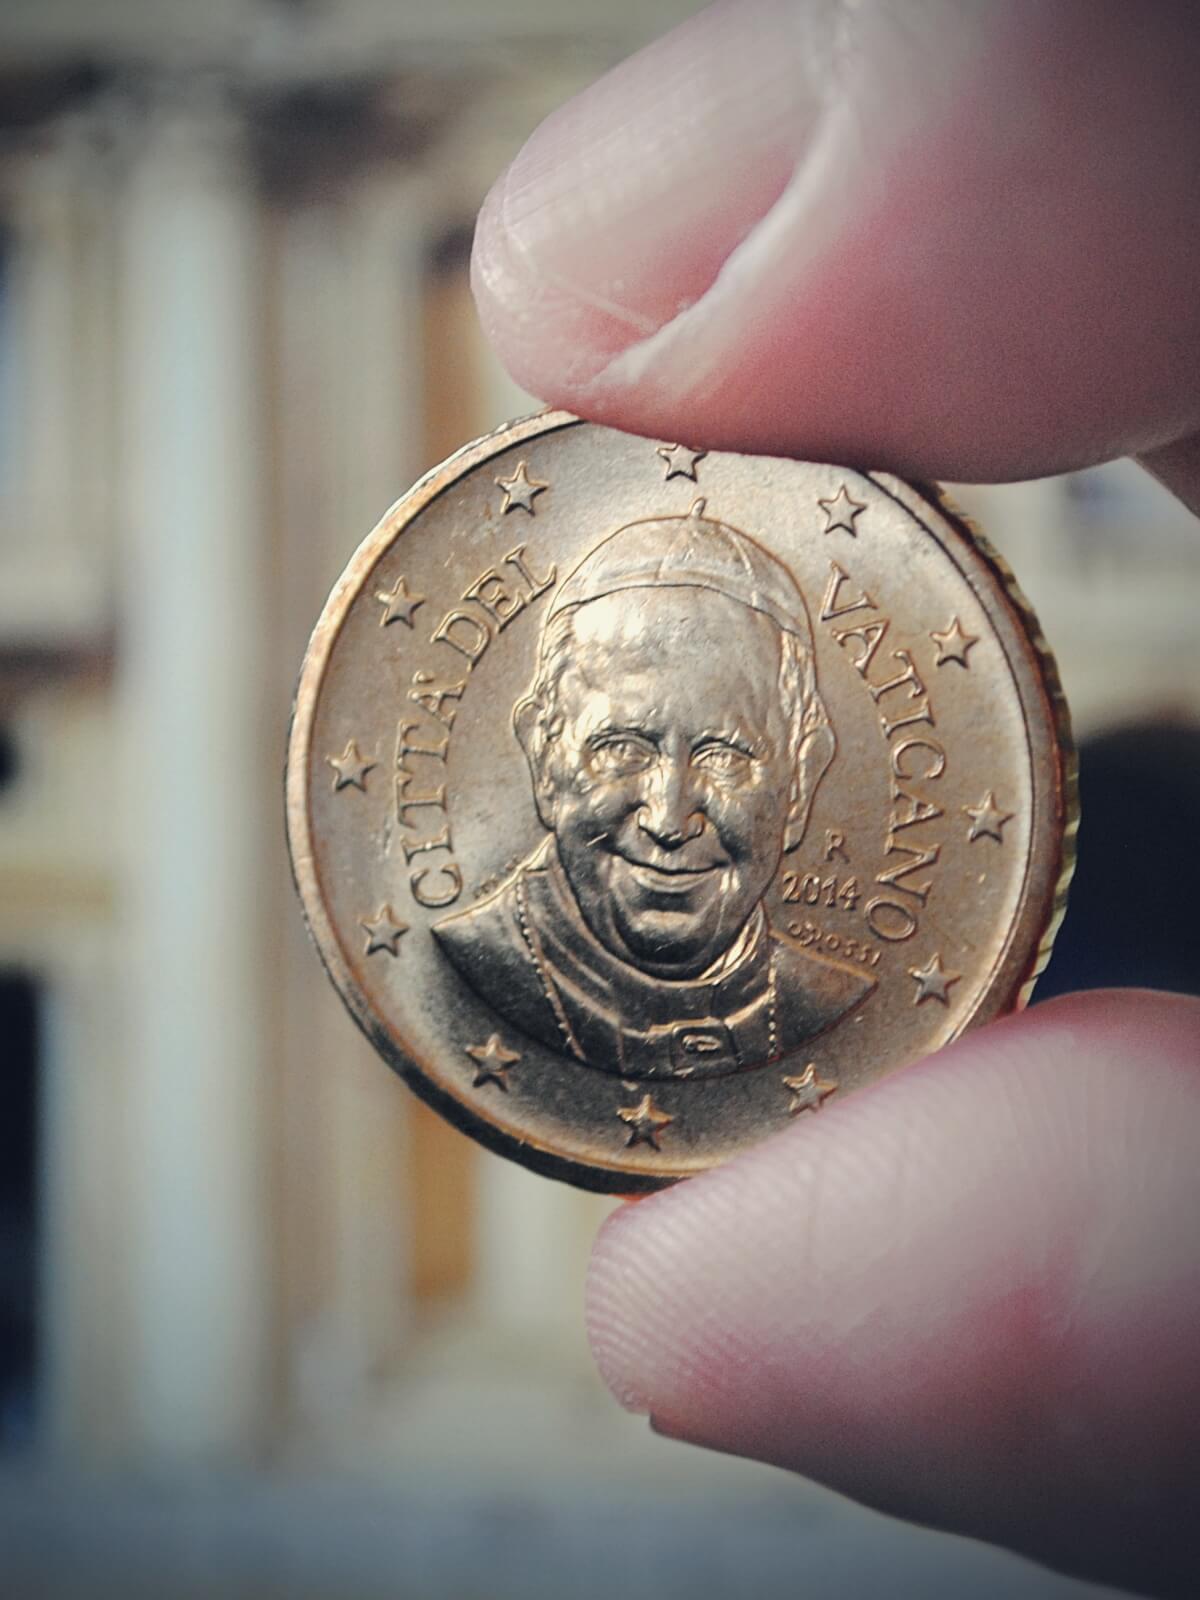 Moneta z wizerunkiem papieża Franciszka.